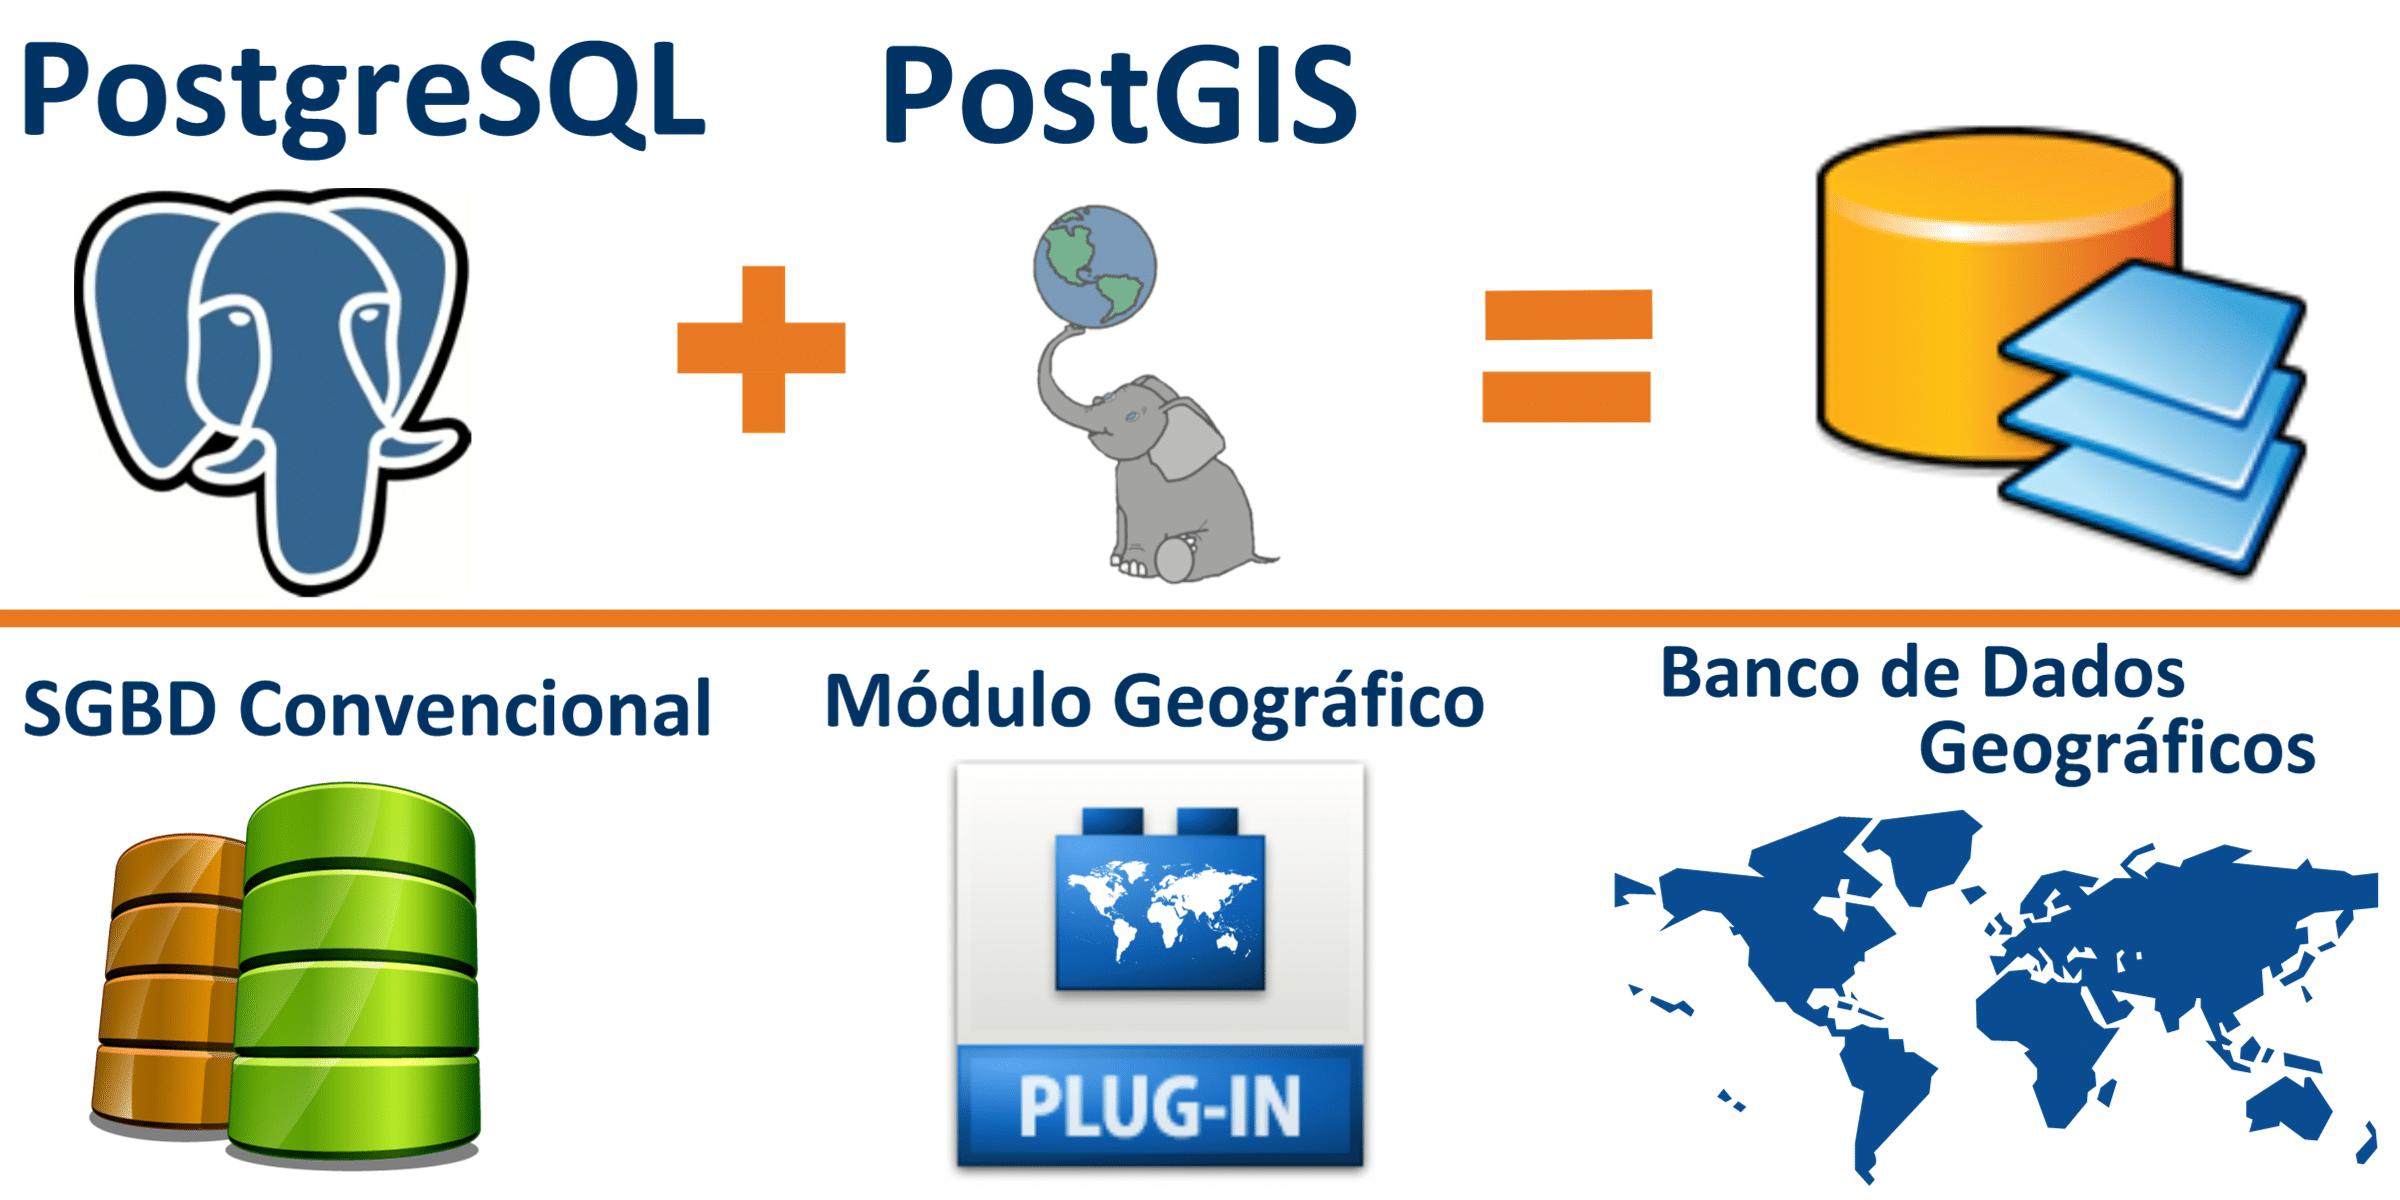 Relação entre PostgreSQL e PostGIS